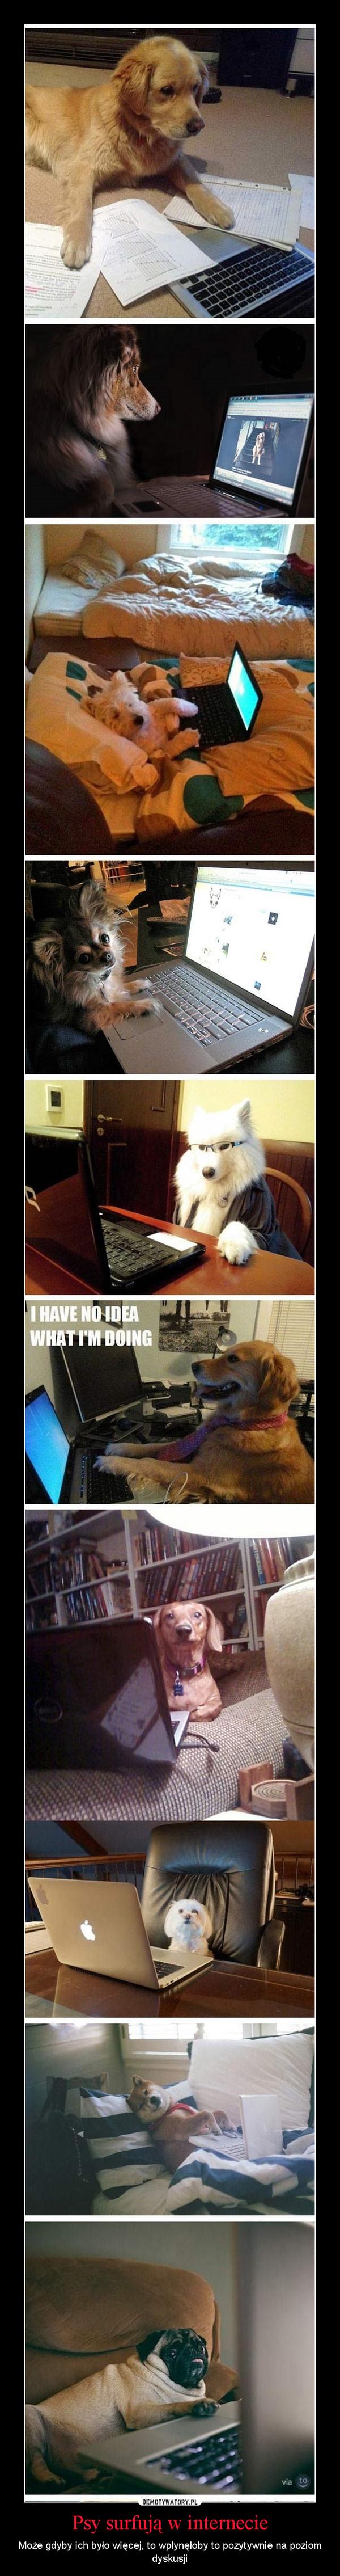 Psy surfują w internecie – Może gdyby ich było więcej, to wpłynęłoby to pozytywnie na poziom dyskusji